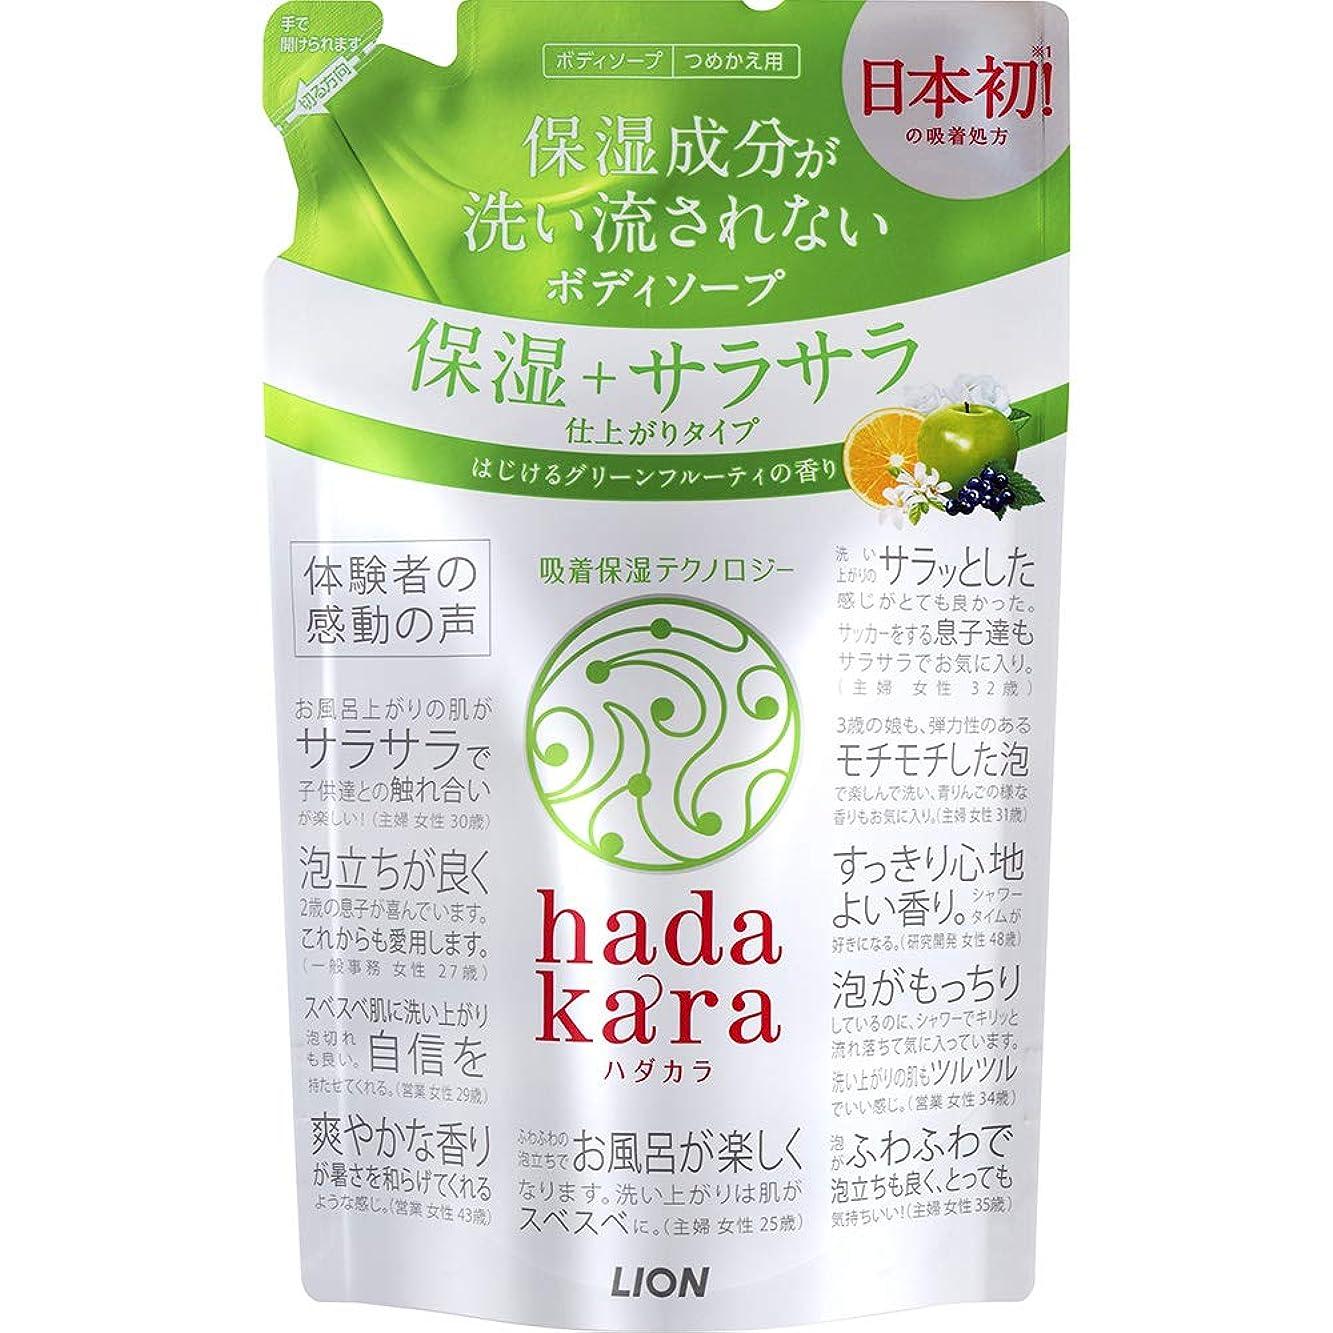 学部スクワイア安息hadakara(ハダカラ) ボディソープ 保湿+サラサラ仕上がりタイプ グリーンフルーティの香り 詰め替え 340ml